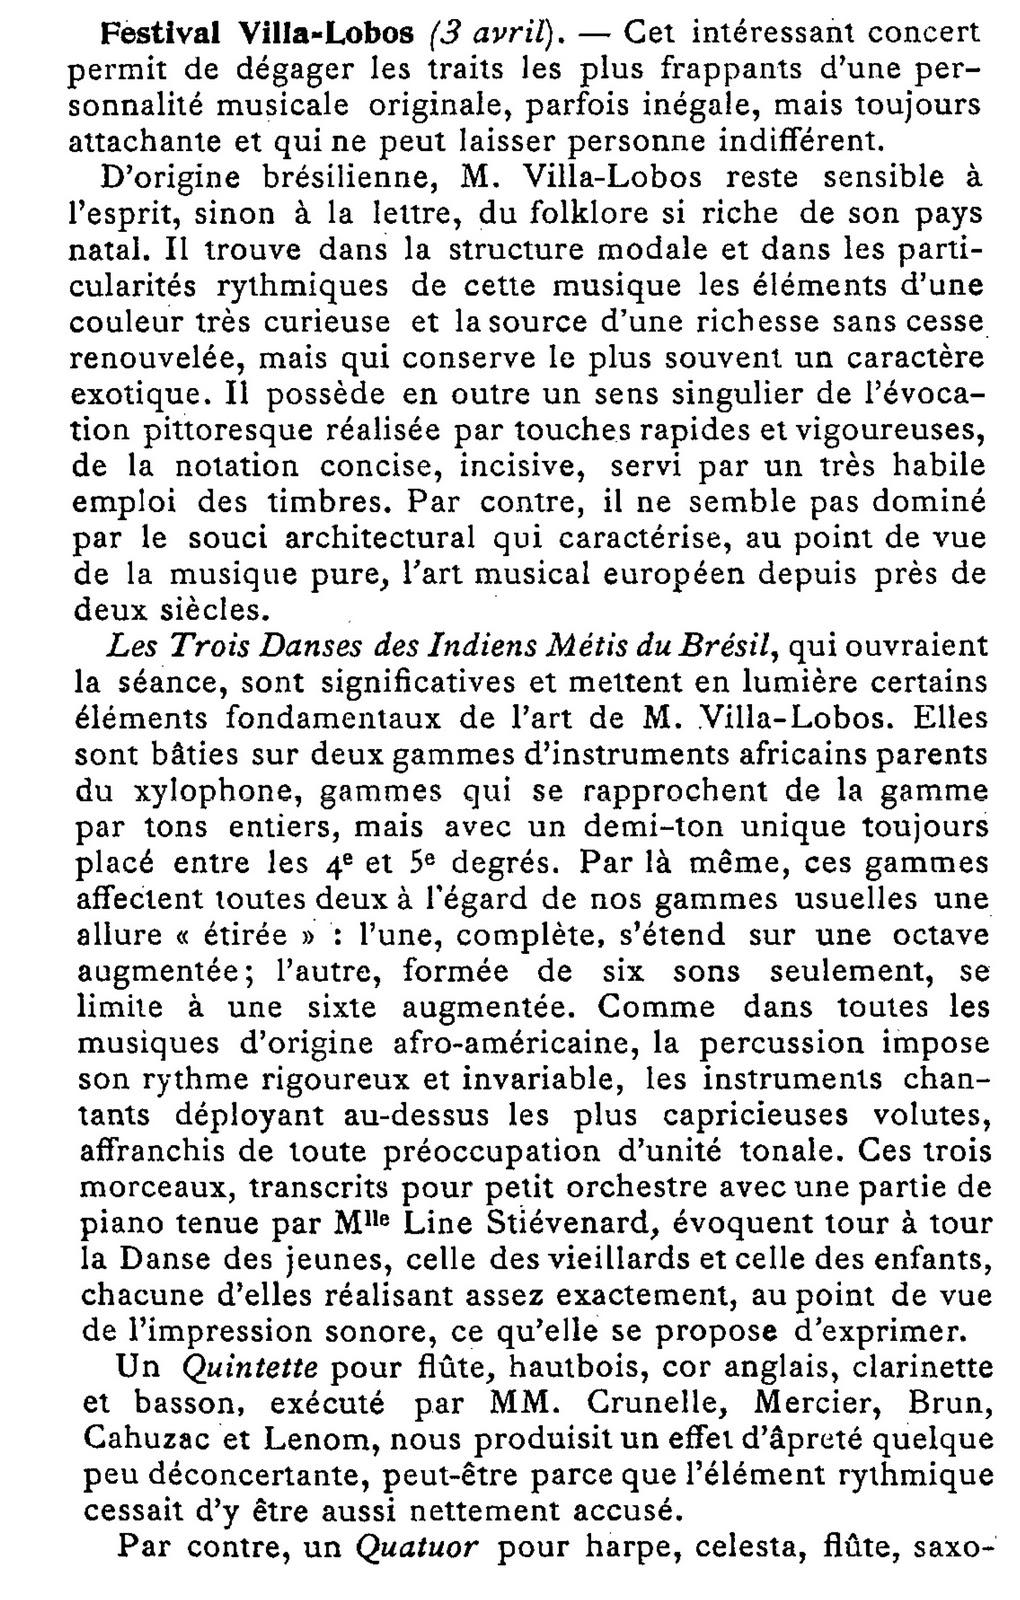 Festival Villa-Lobos, Paris, 1930